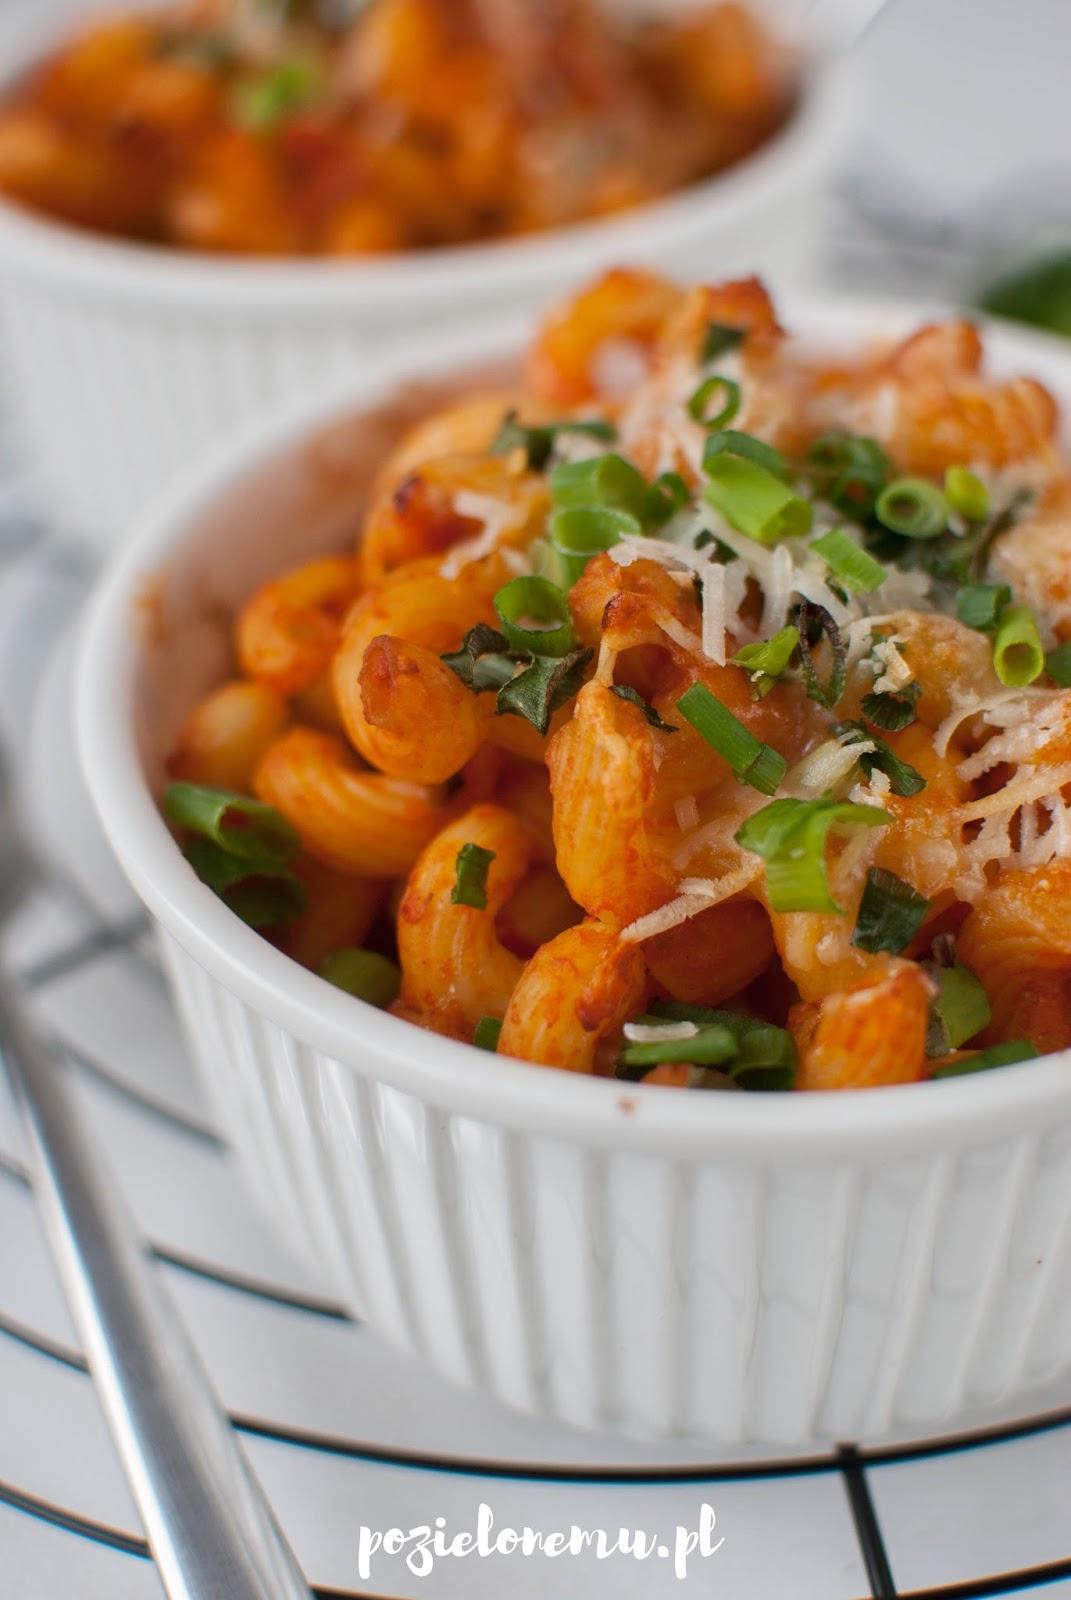 Szybkie zapiekanki makaronowe (z pastą pomidorowo-paprykową)